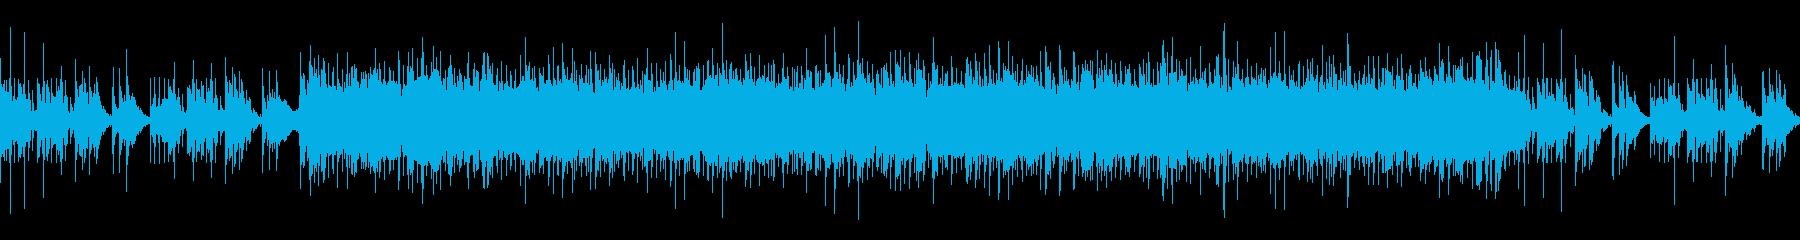 動画 技術的な 説明的 静か 繰り...の再生済みの波形